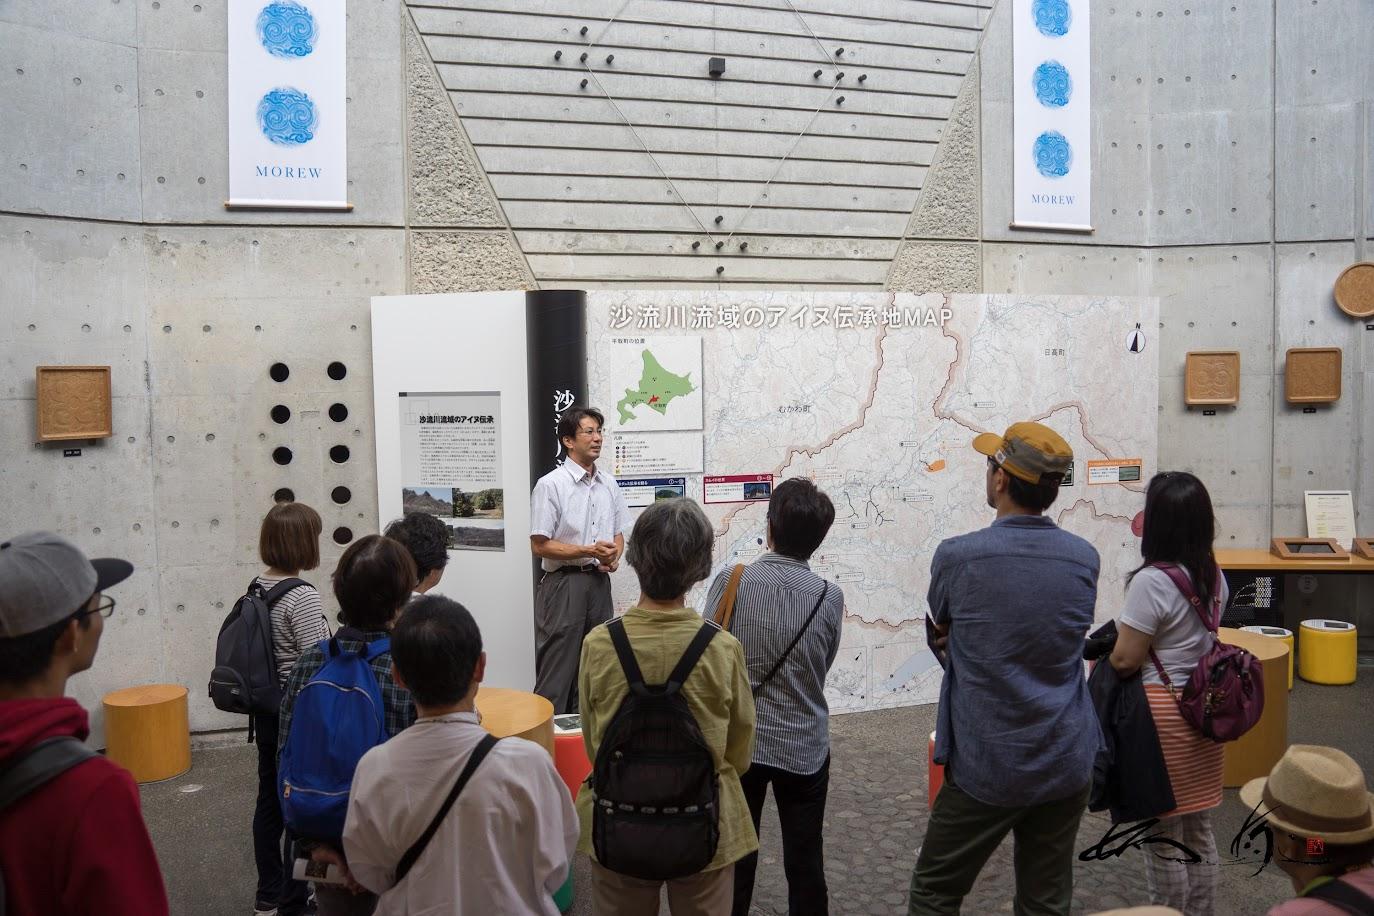 長田佳宏 学芸員の解説による「二風谷アイム文化博物館」見学